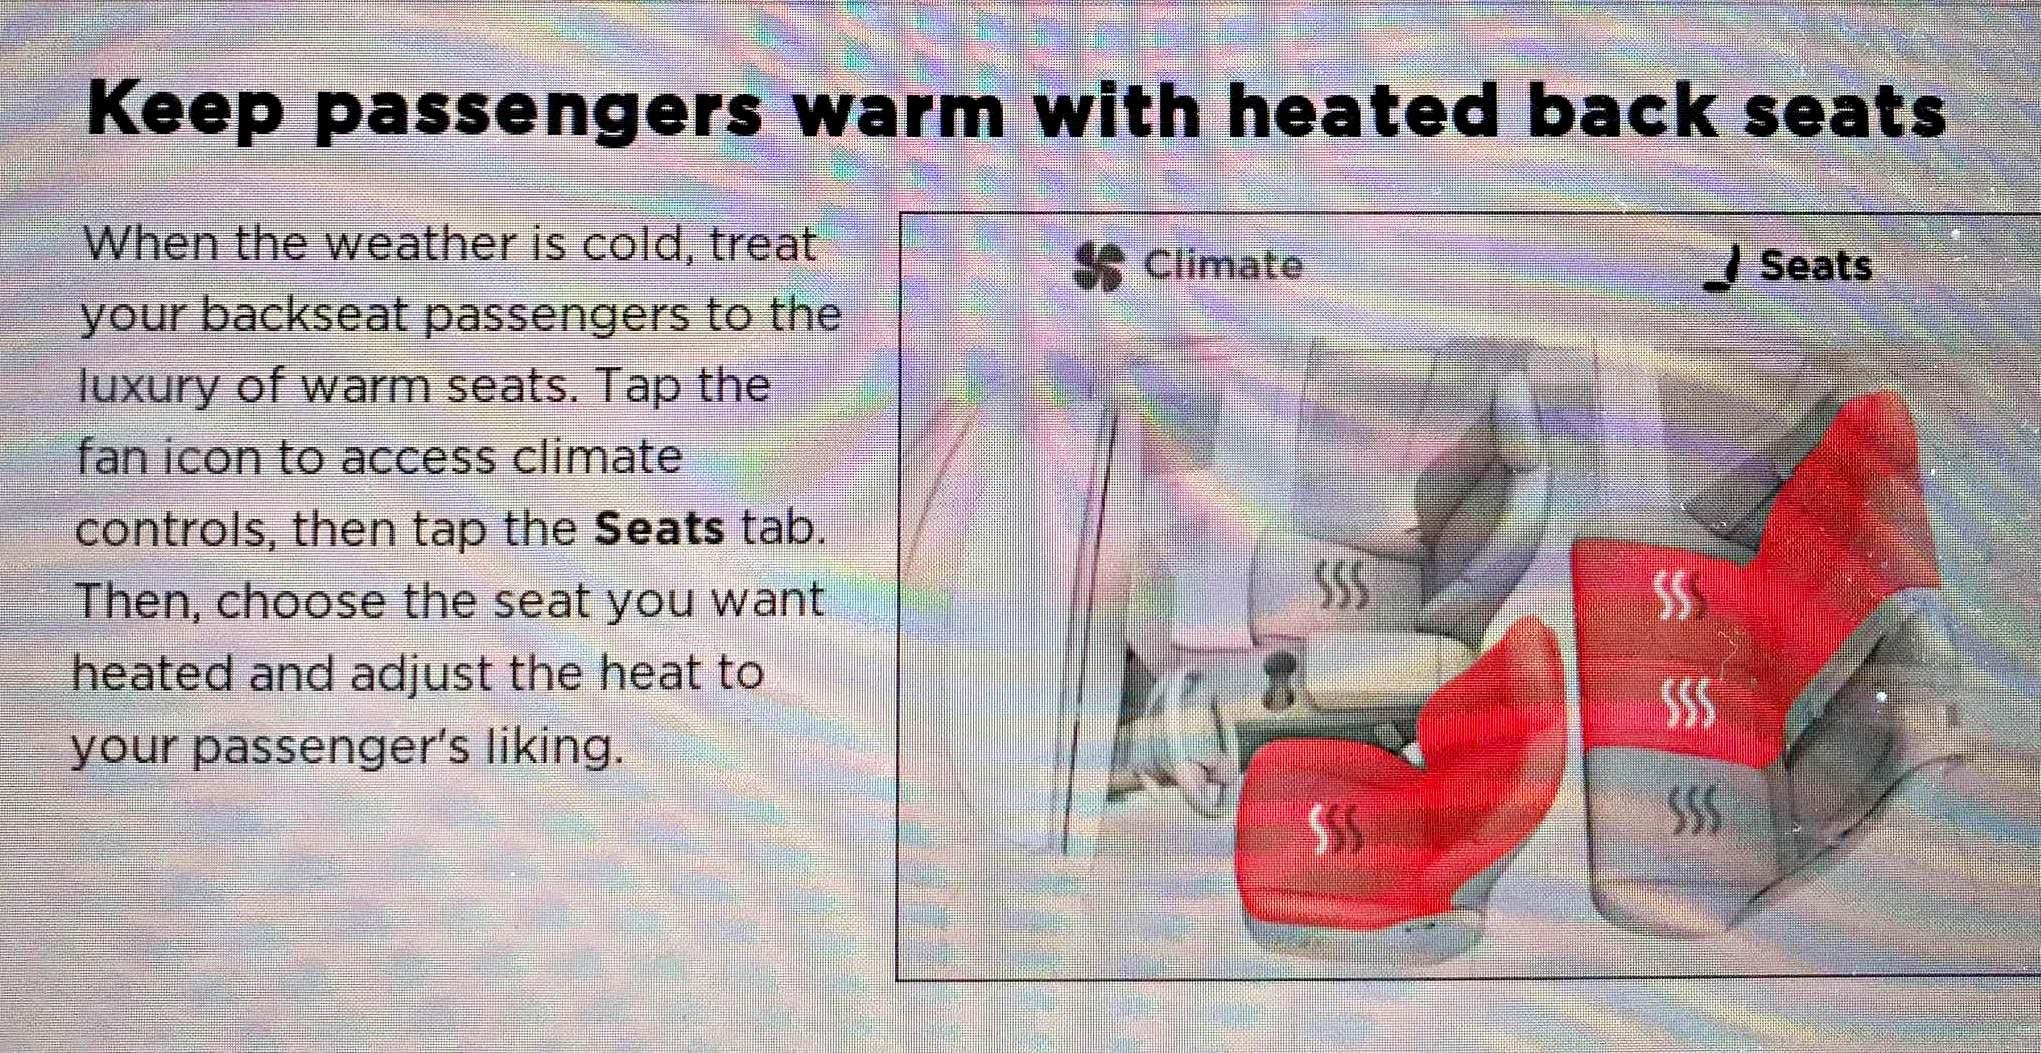 Model-3-update-heated-rear-seats-firmware